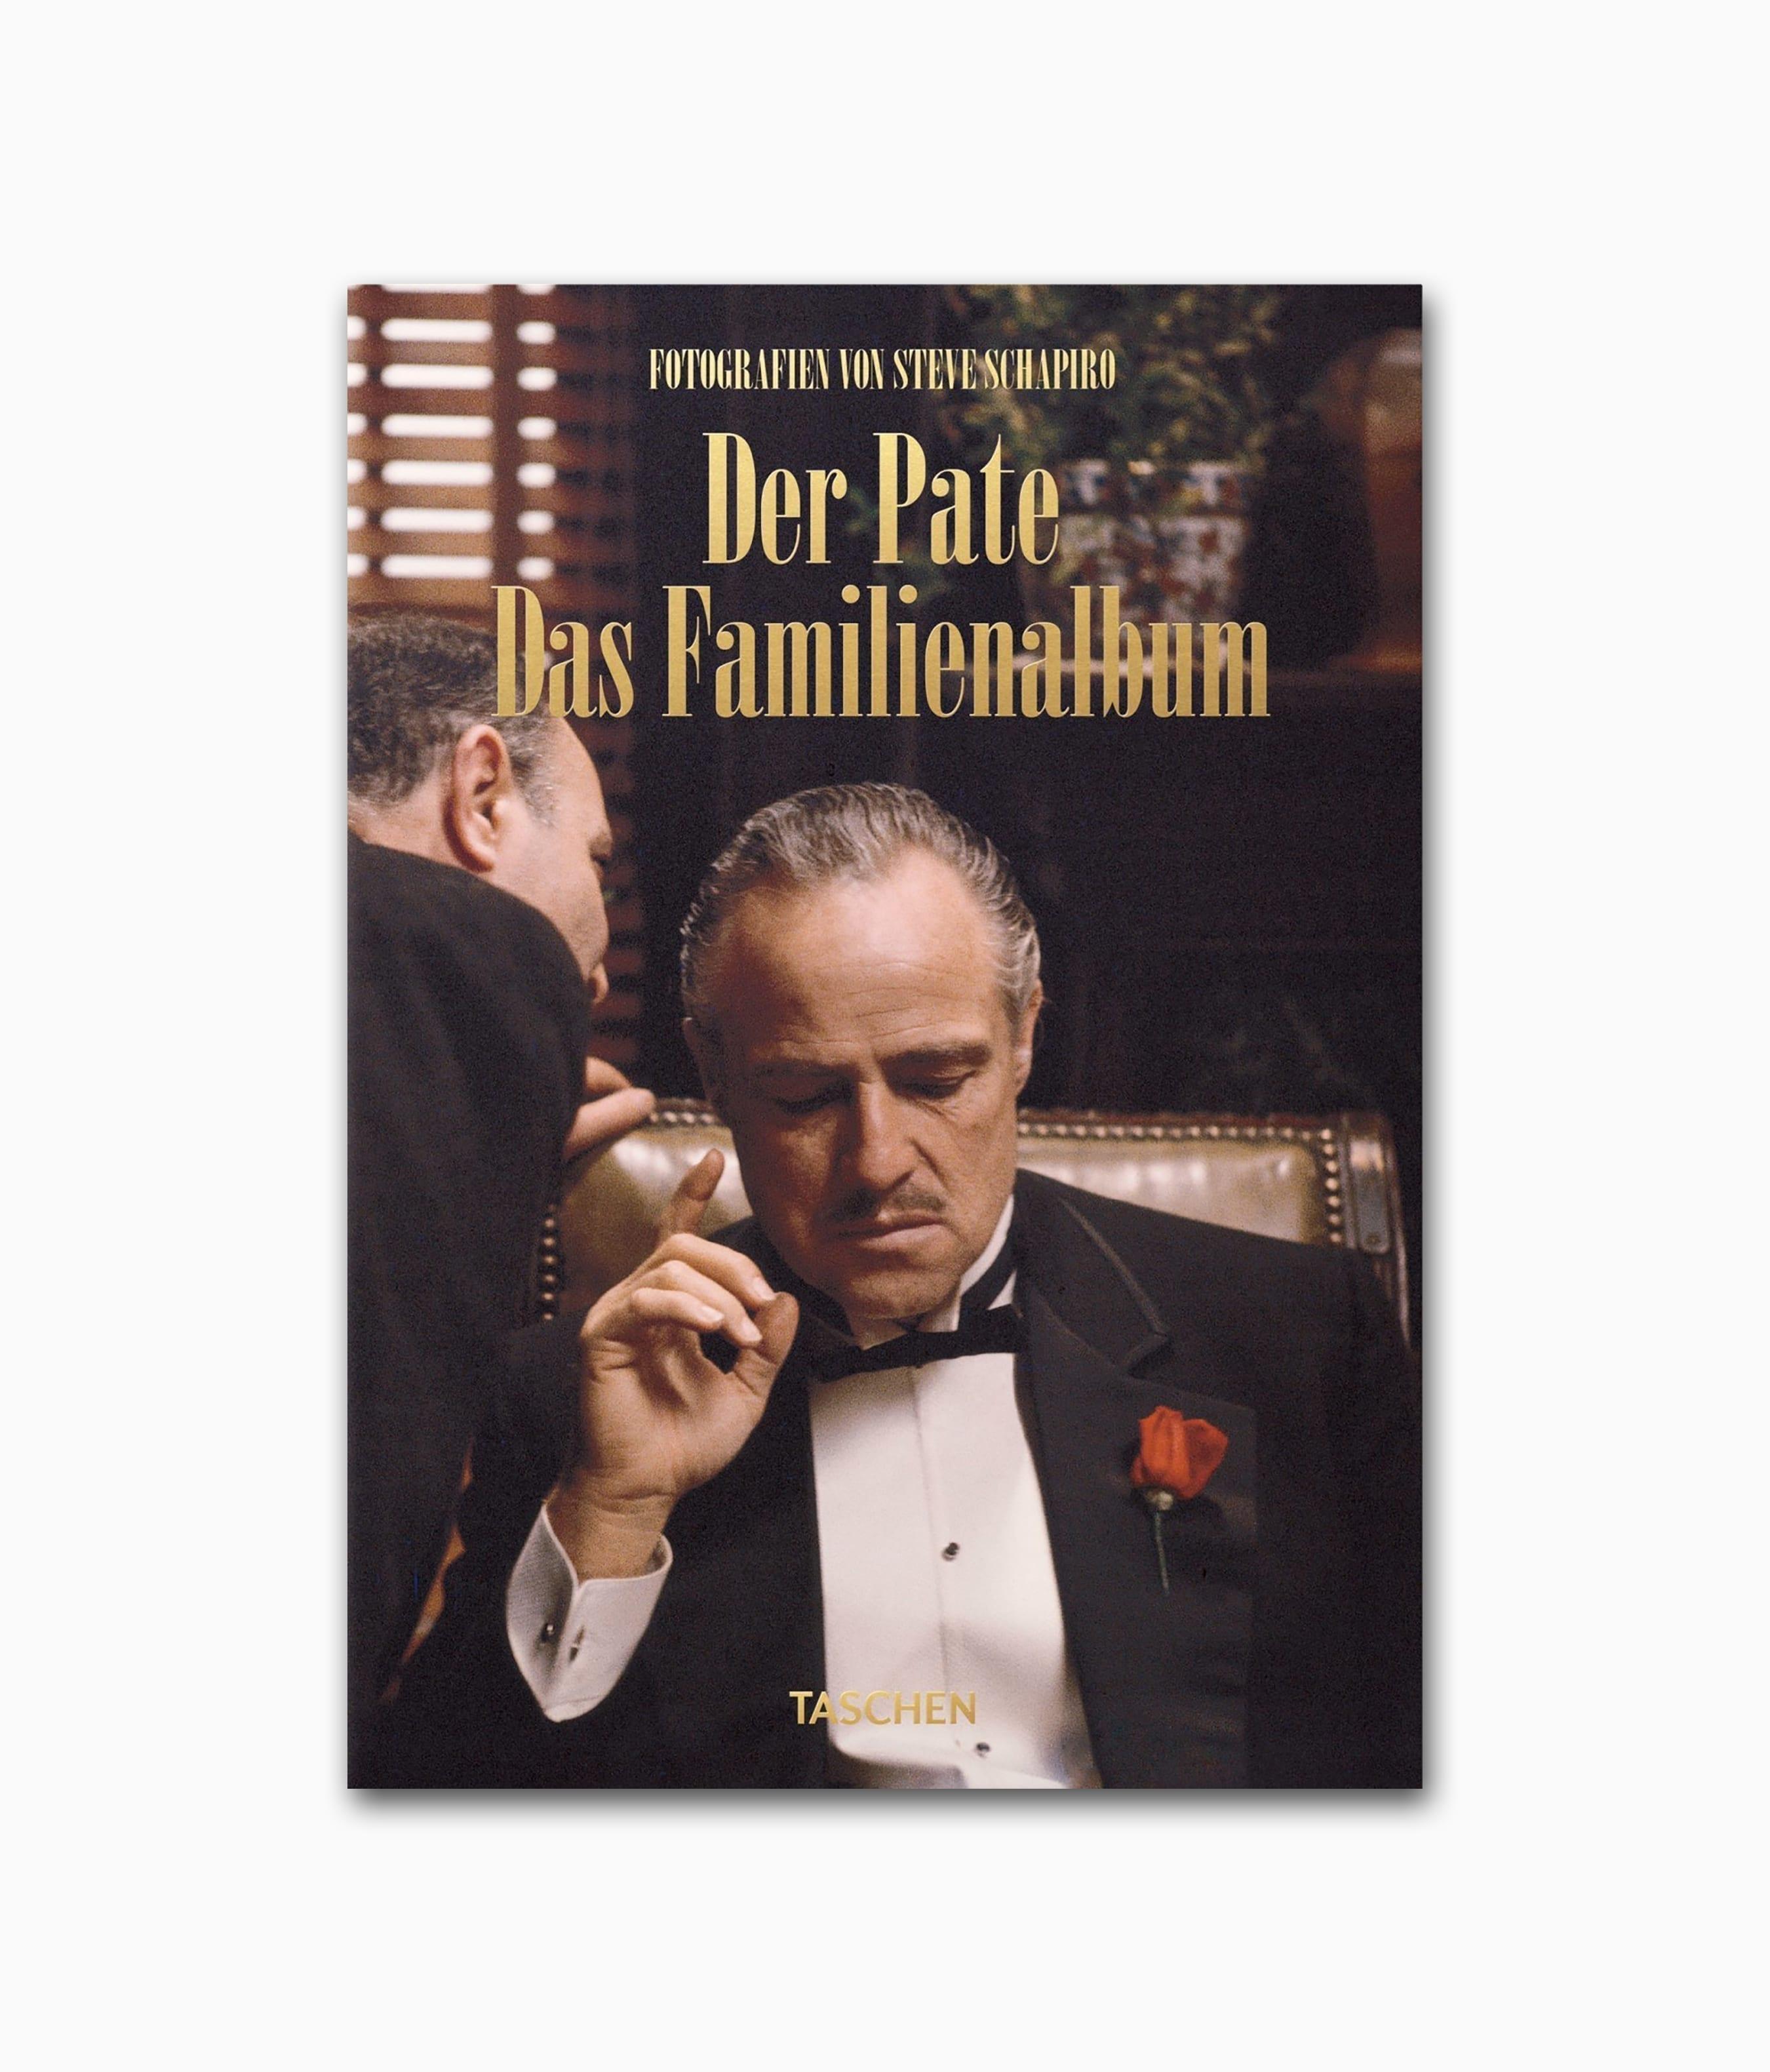 Der Pate Das Familienalbum TASCHEN Verlag Buchcover